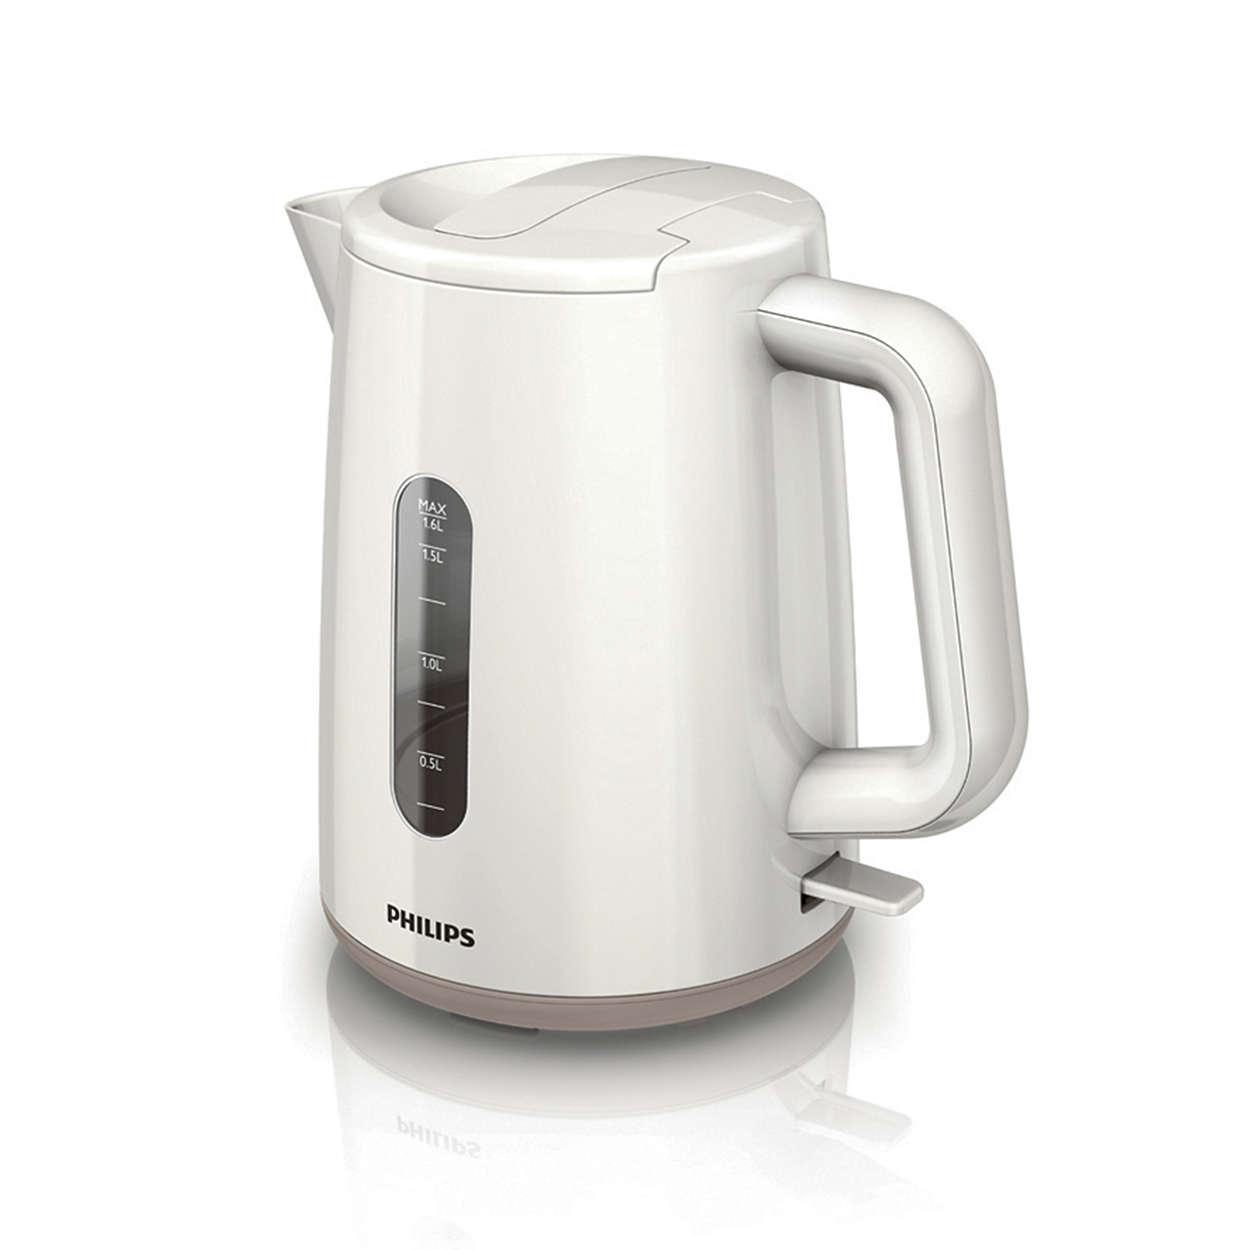 쉽고 빠르게 끓이세요.